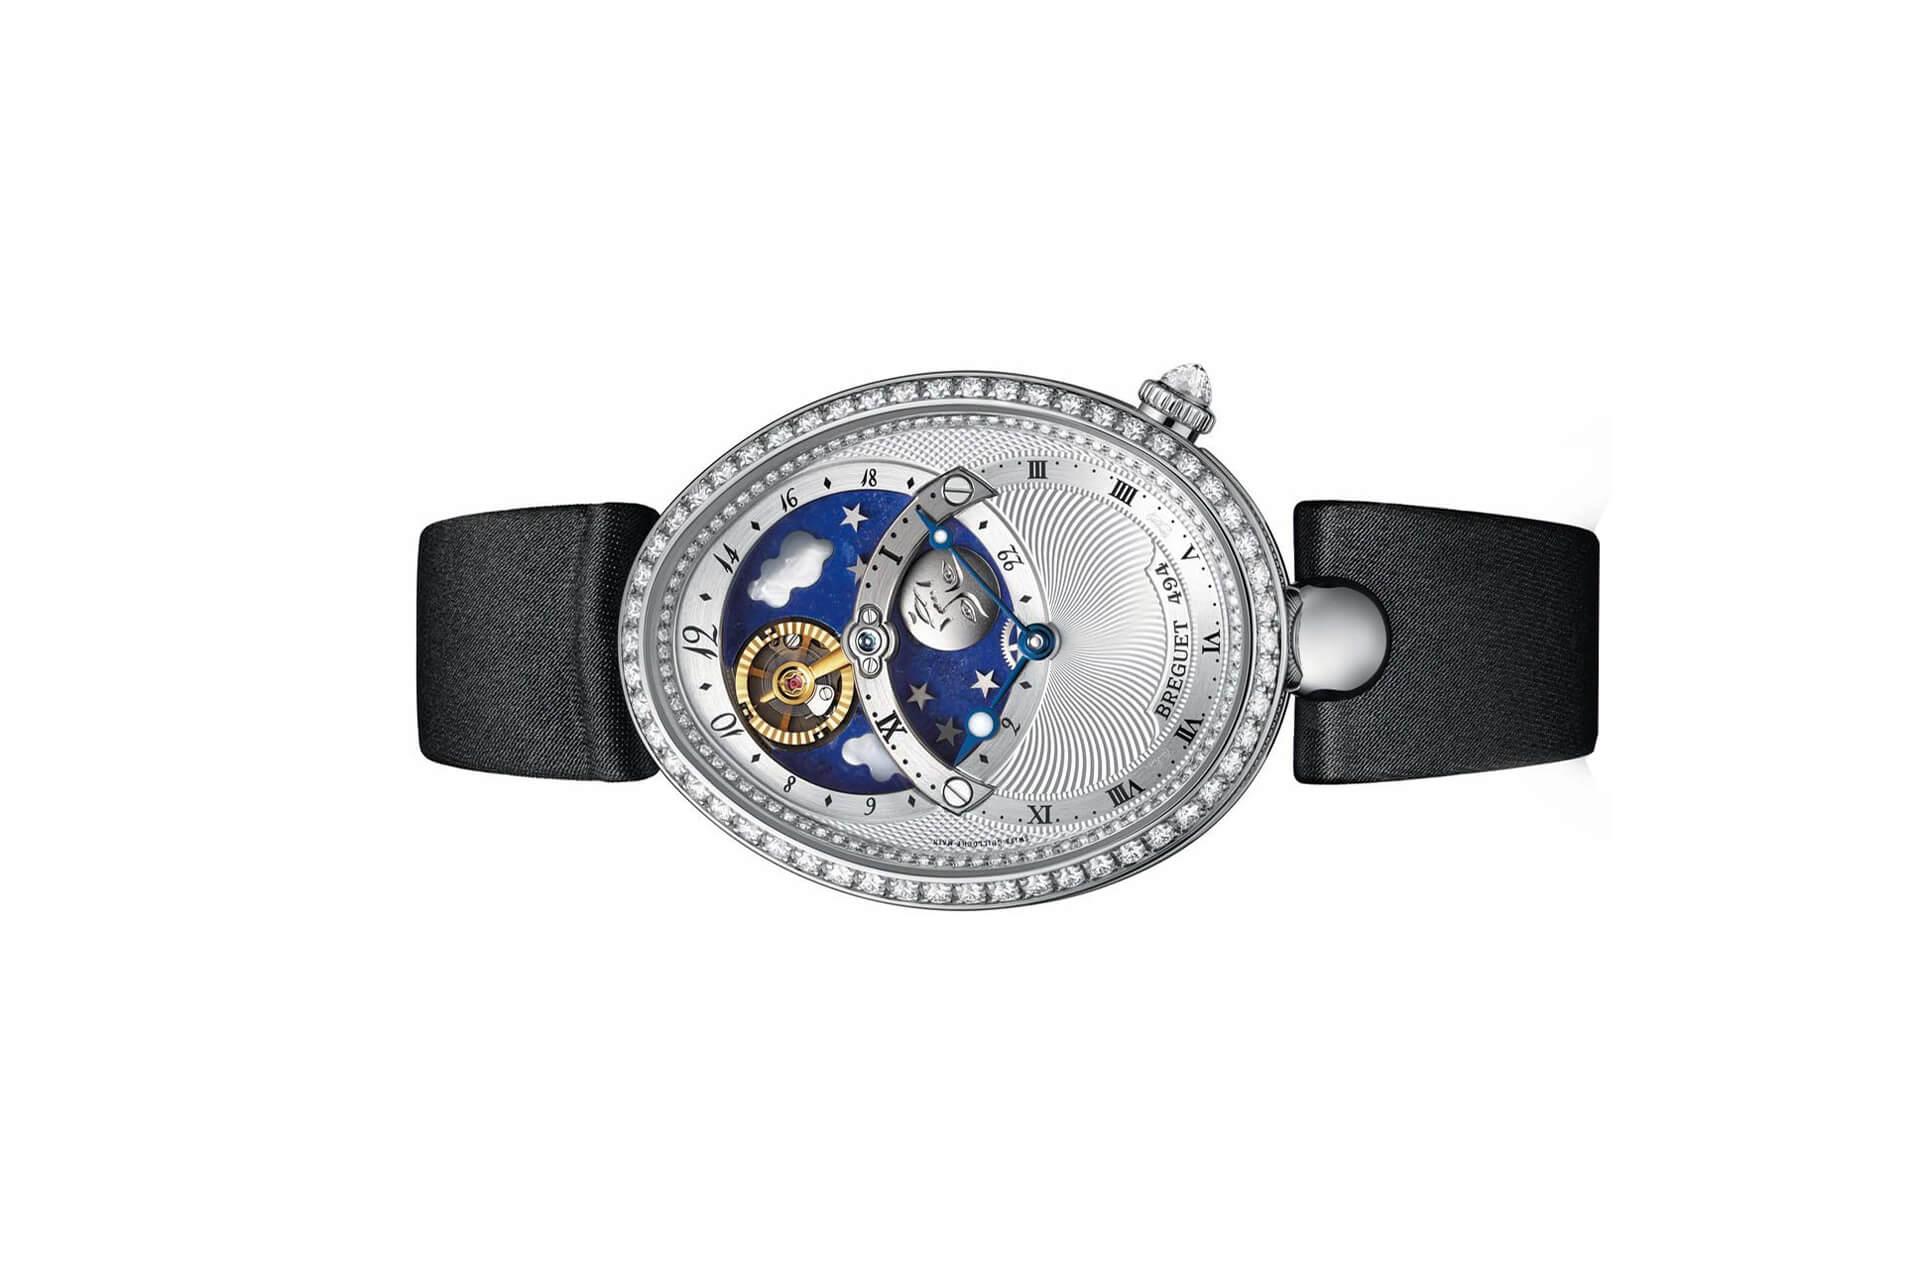 Đồng hồ Breguet Reine de Naples 8998BB/11/874 D00D